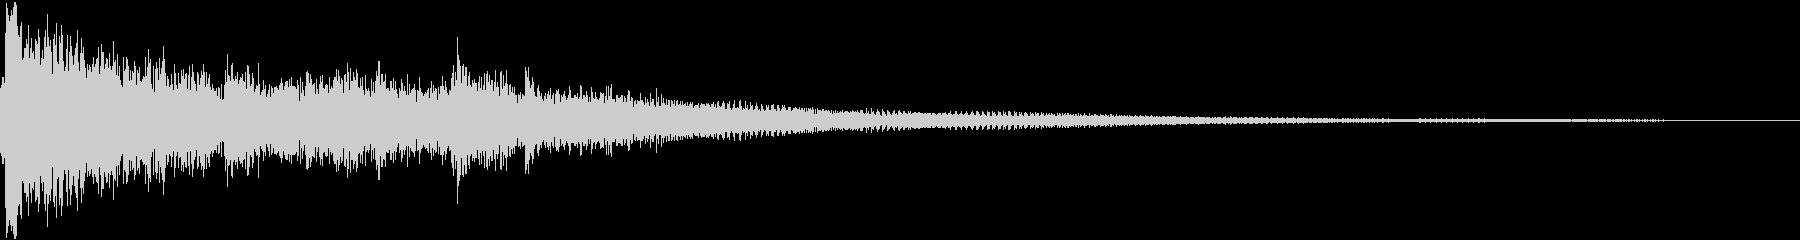 Gorgeous, light, acoustic, fashionable, jingle's unreproduced waveform